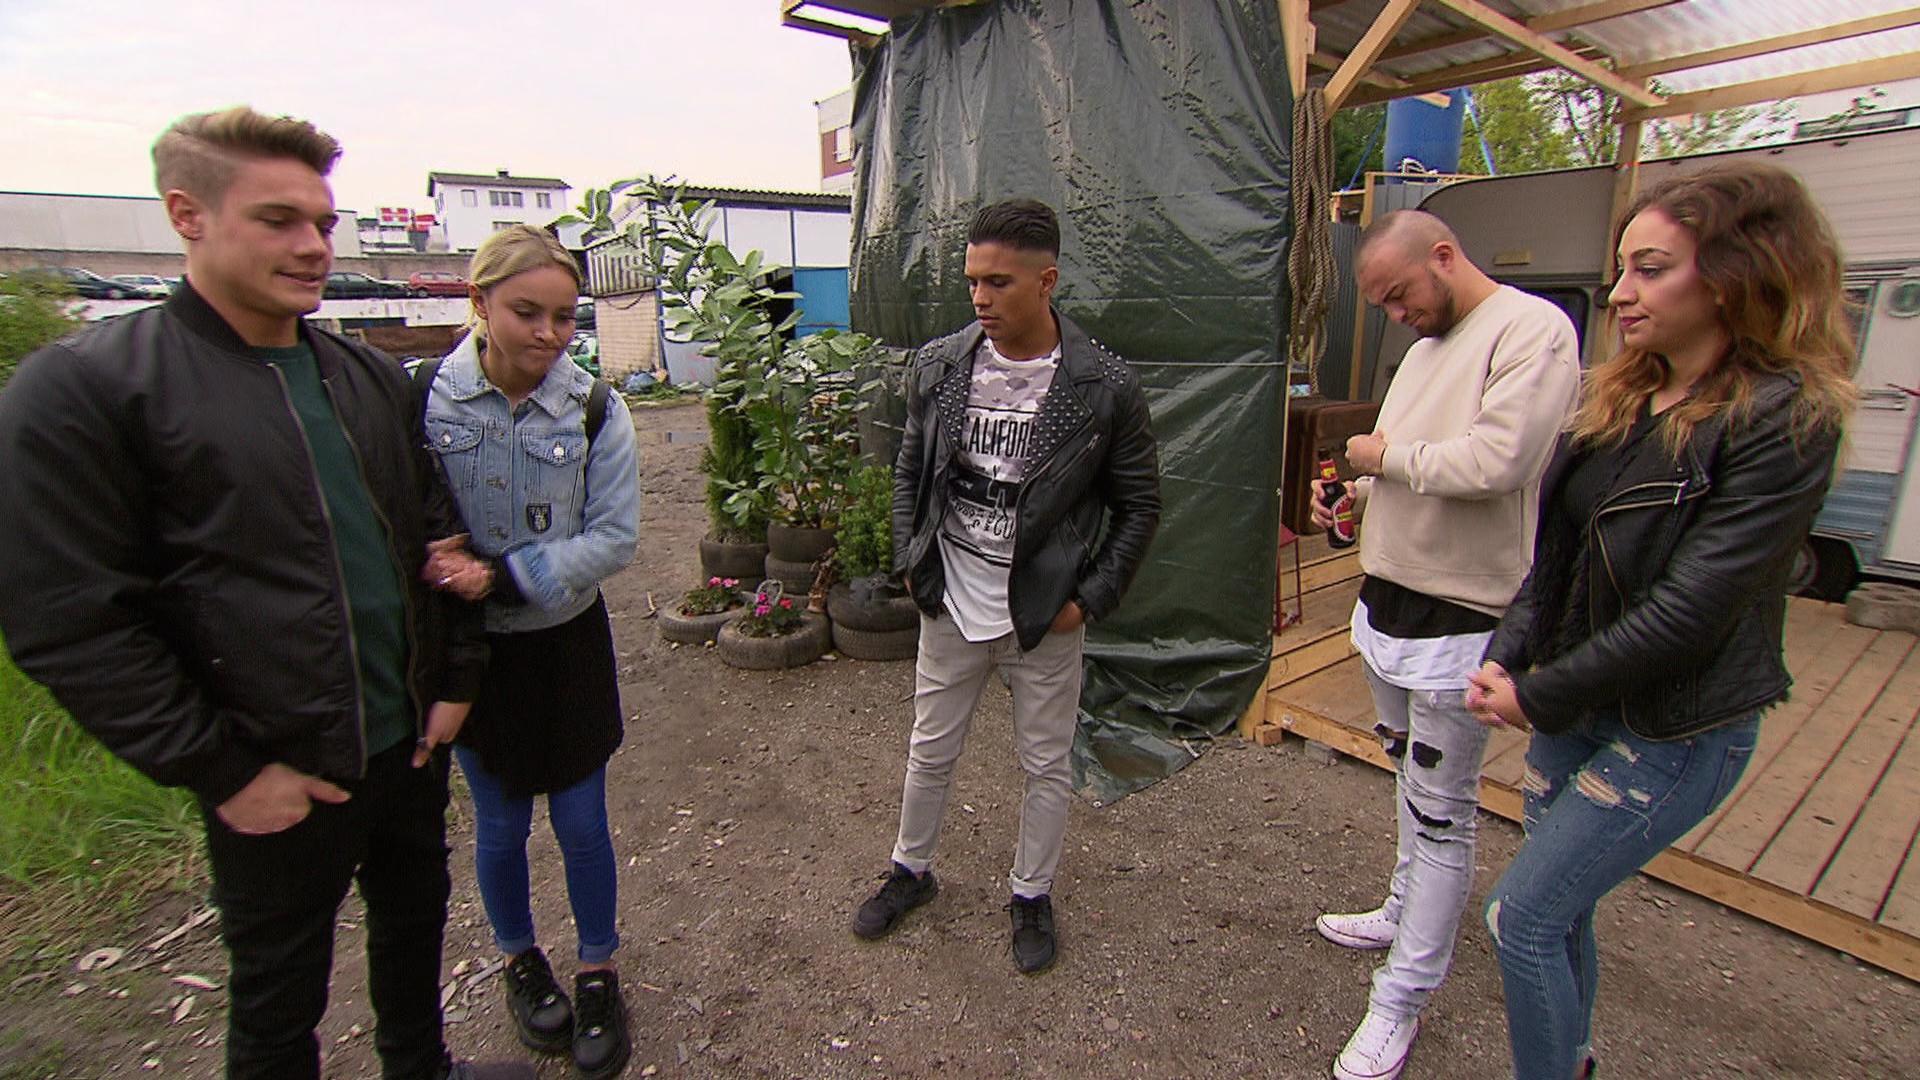 Elli lädt Ben, Lina und Chico auf den Schrottplatz ein. (v.li.: Ben, Lina, Chico, Rocco, Elli) (Quelle: RTL 2)